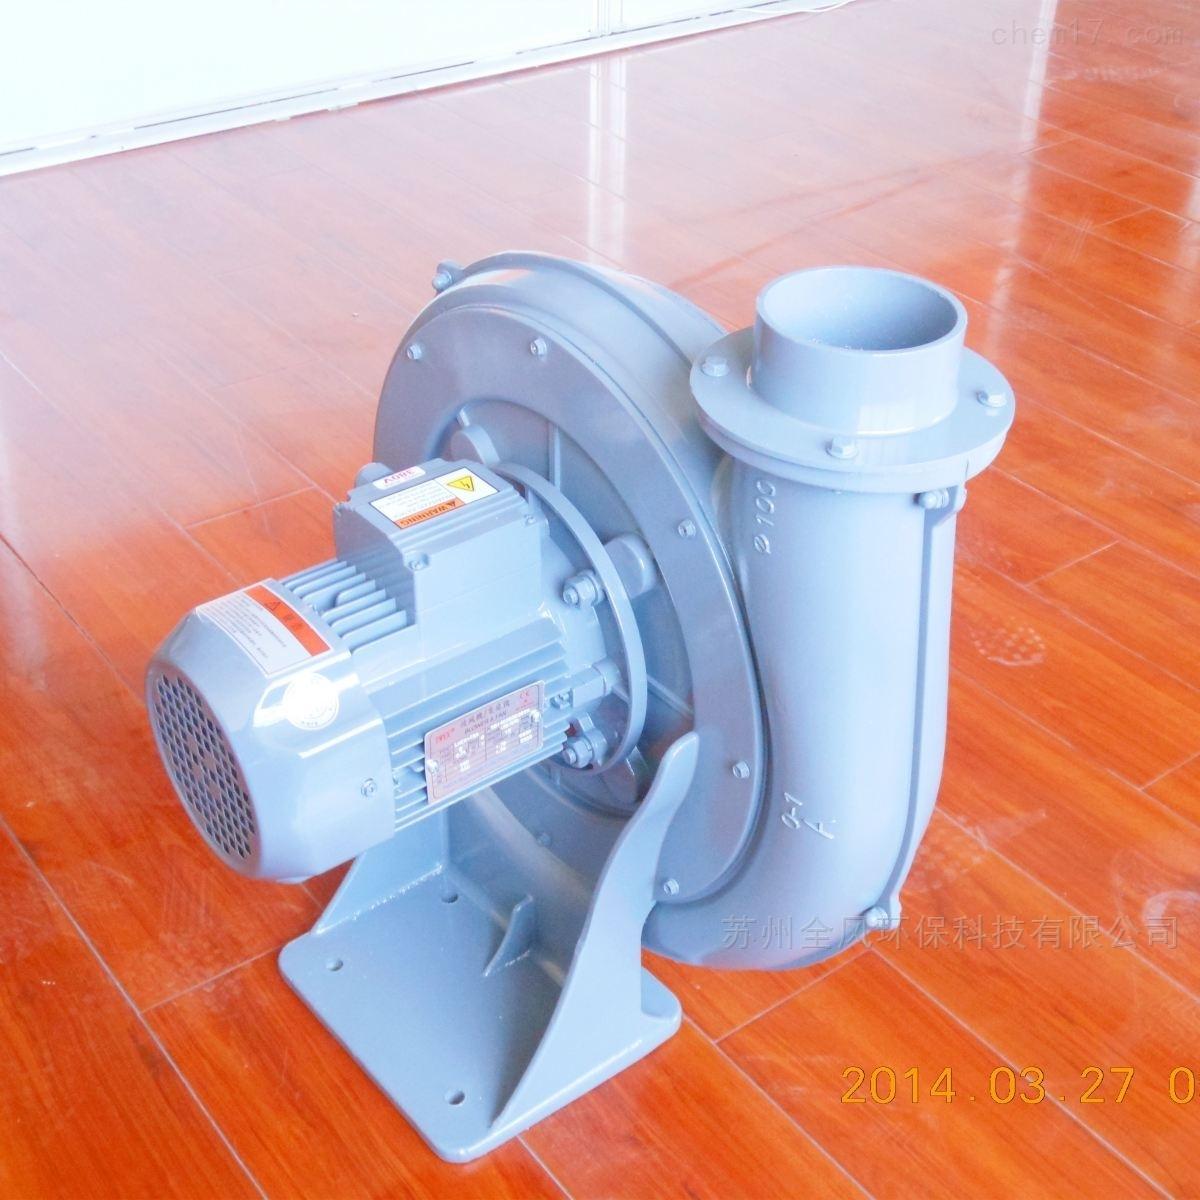 南京市全风工厂直销0.4KW透浦式鼓风机